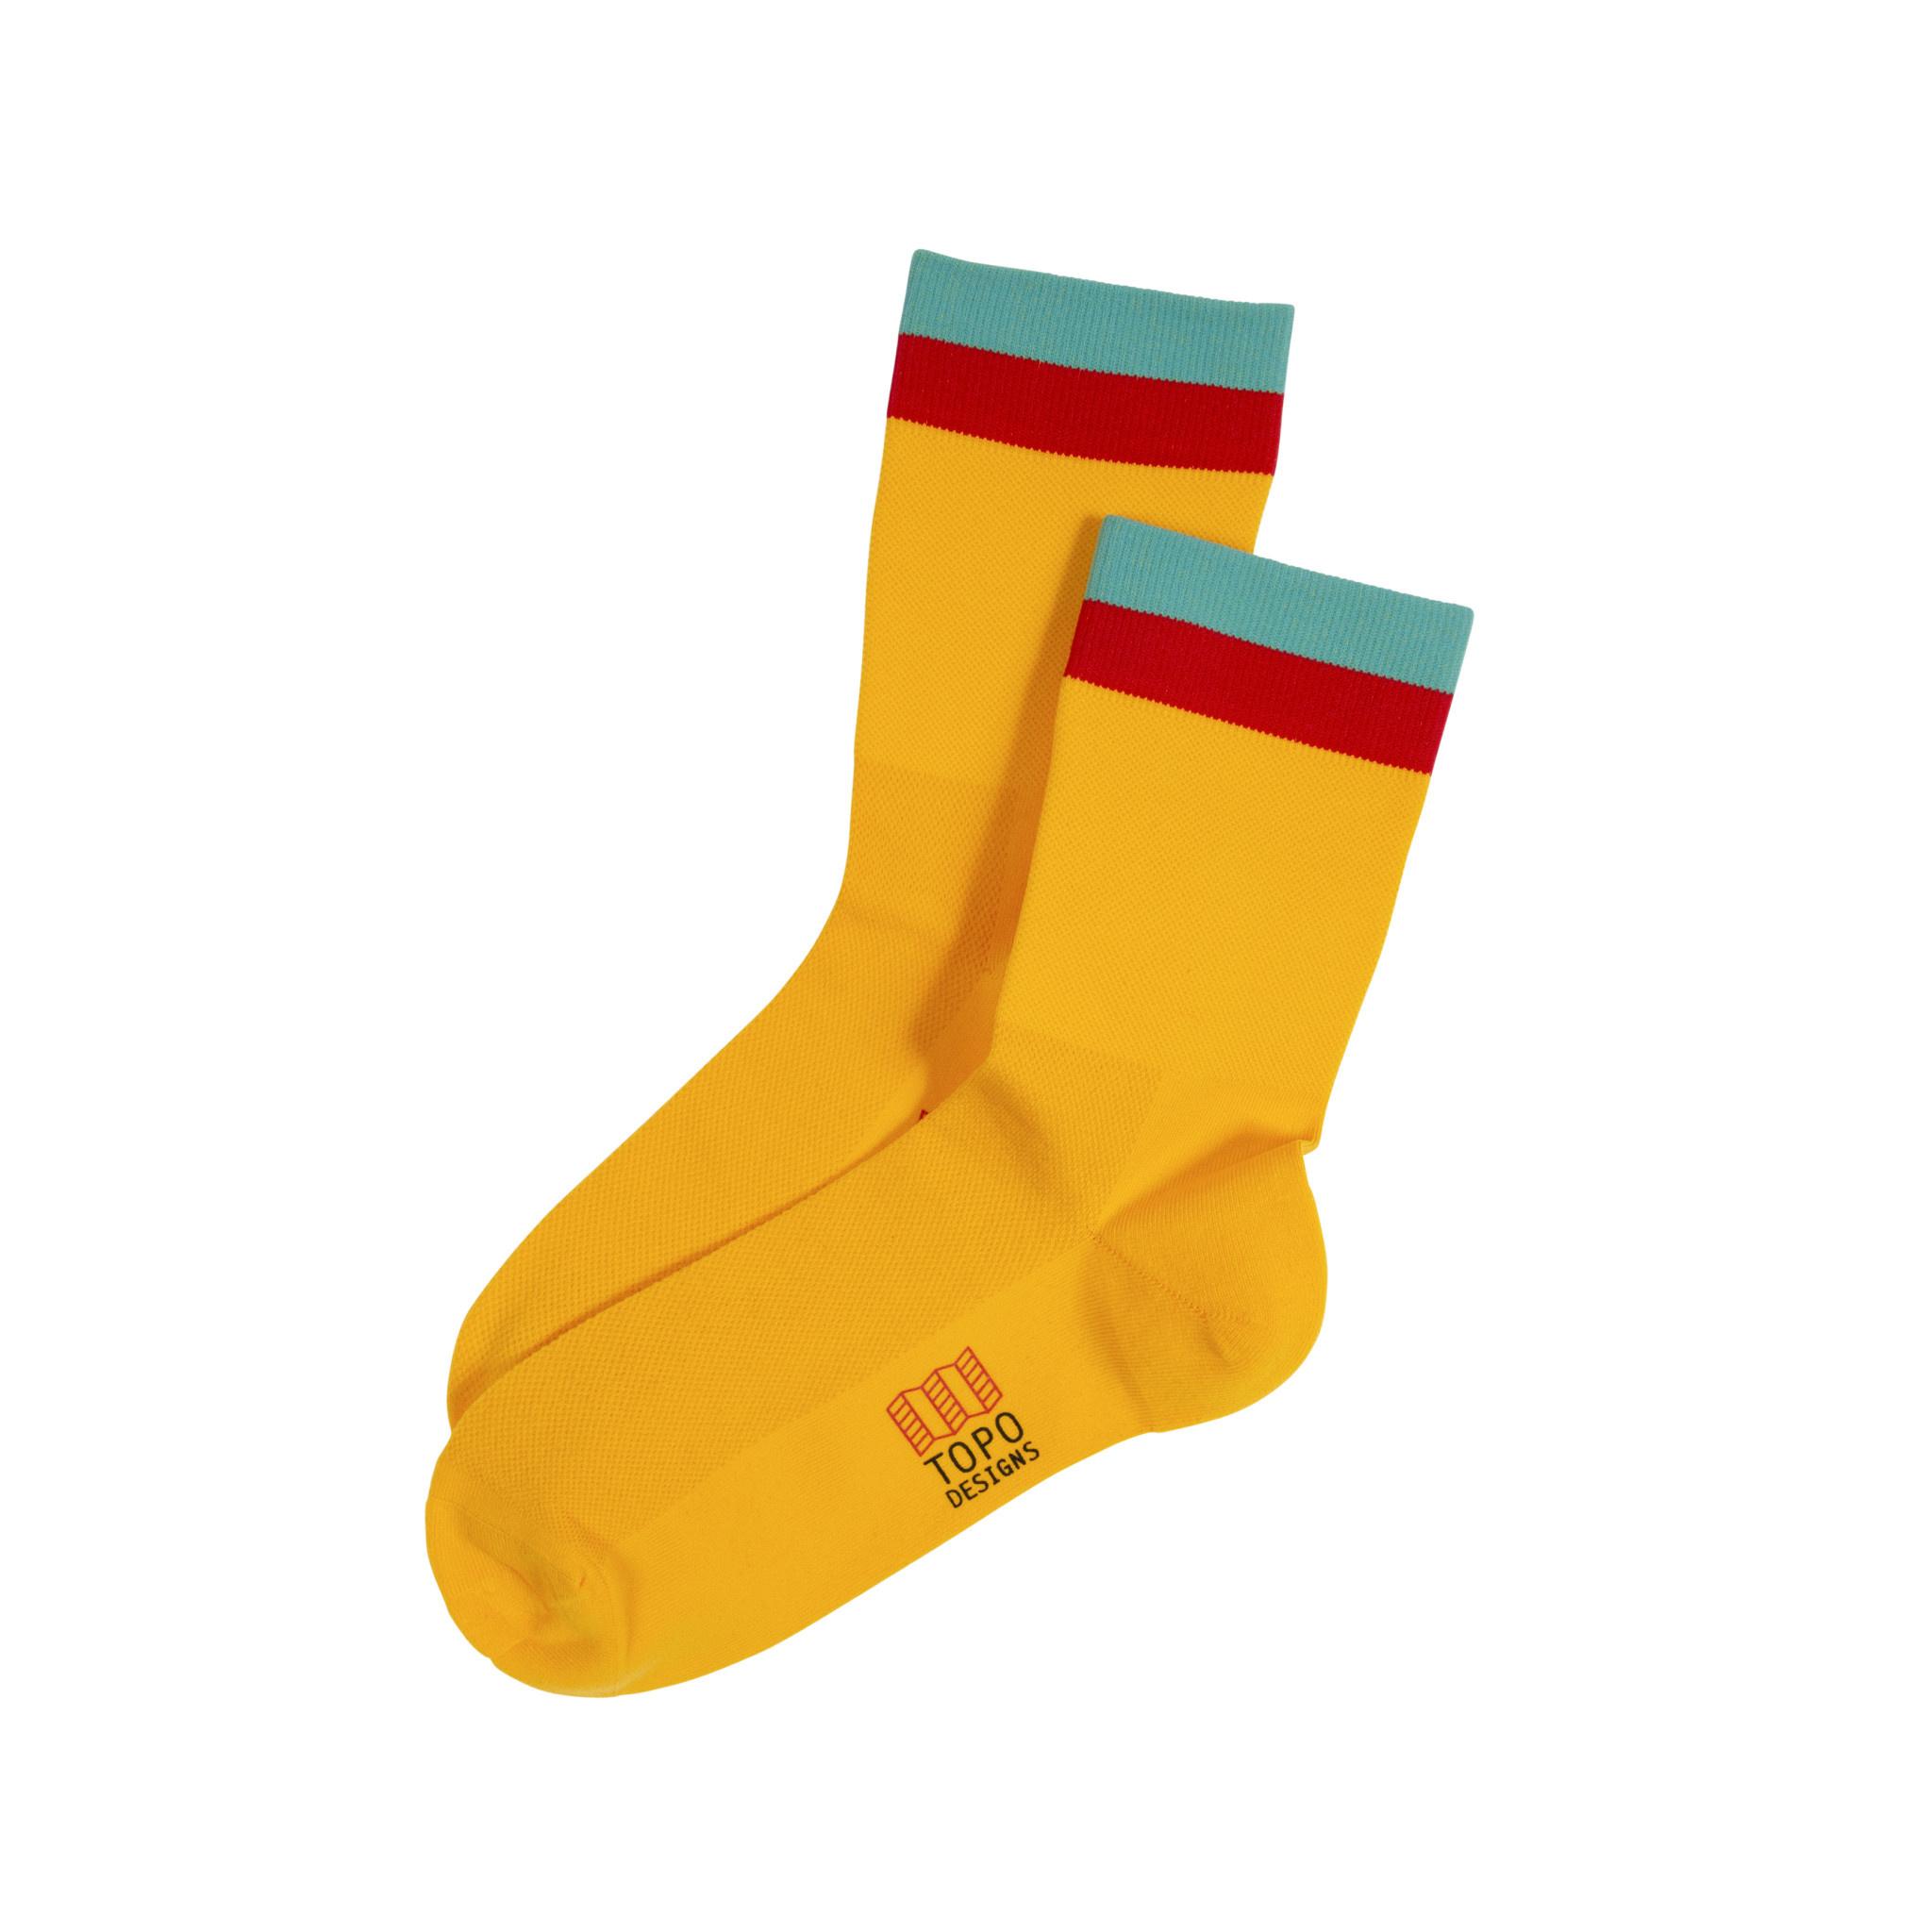 Topo Designs Topo Designs Sport Socks - Yellow